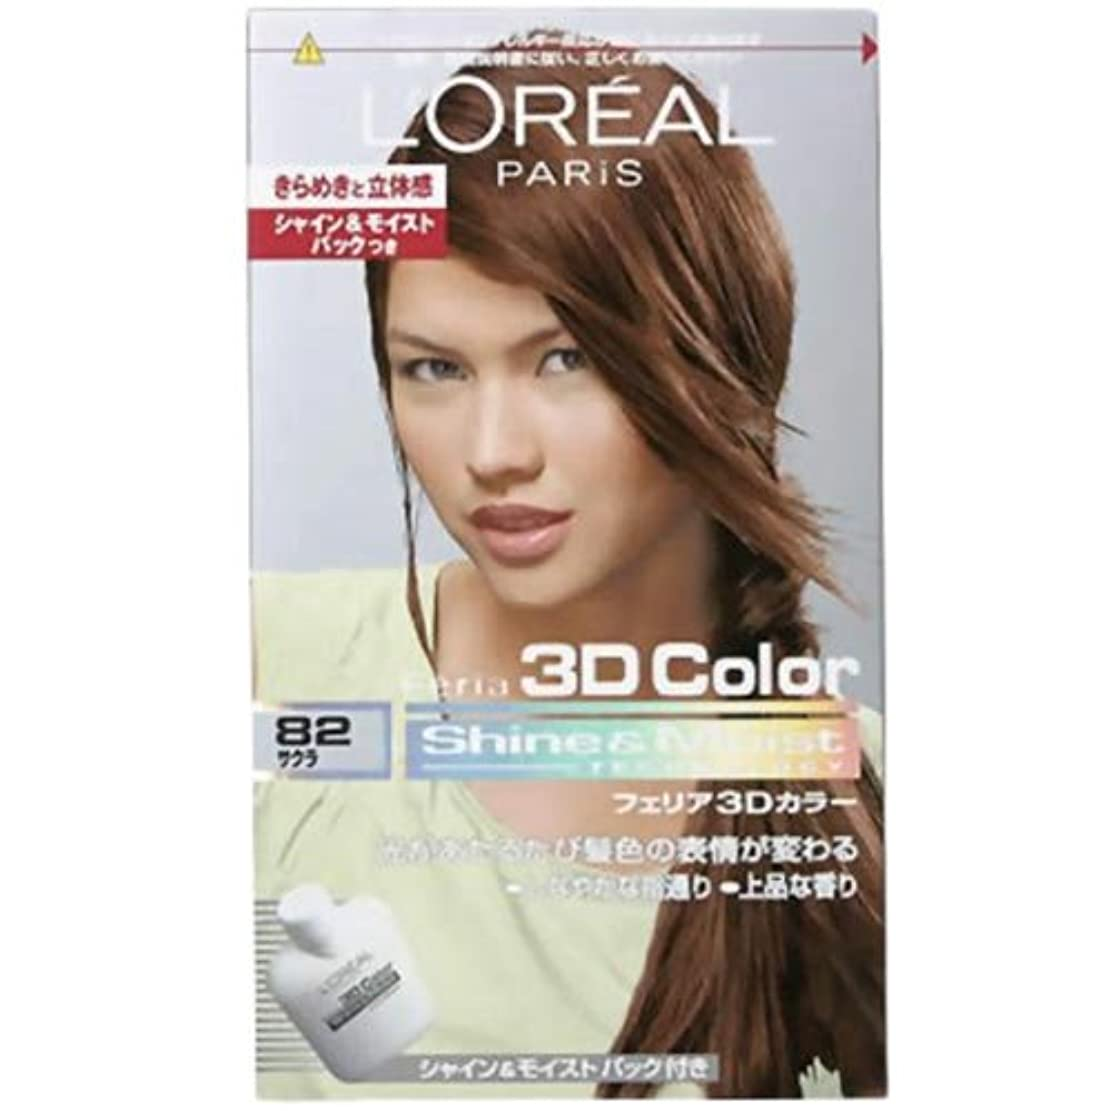 広告と闘うやさしく日本ロレアル フェリア3Dカラー シャイン&モイストテクロノジー#82 サクラ